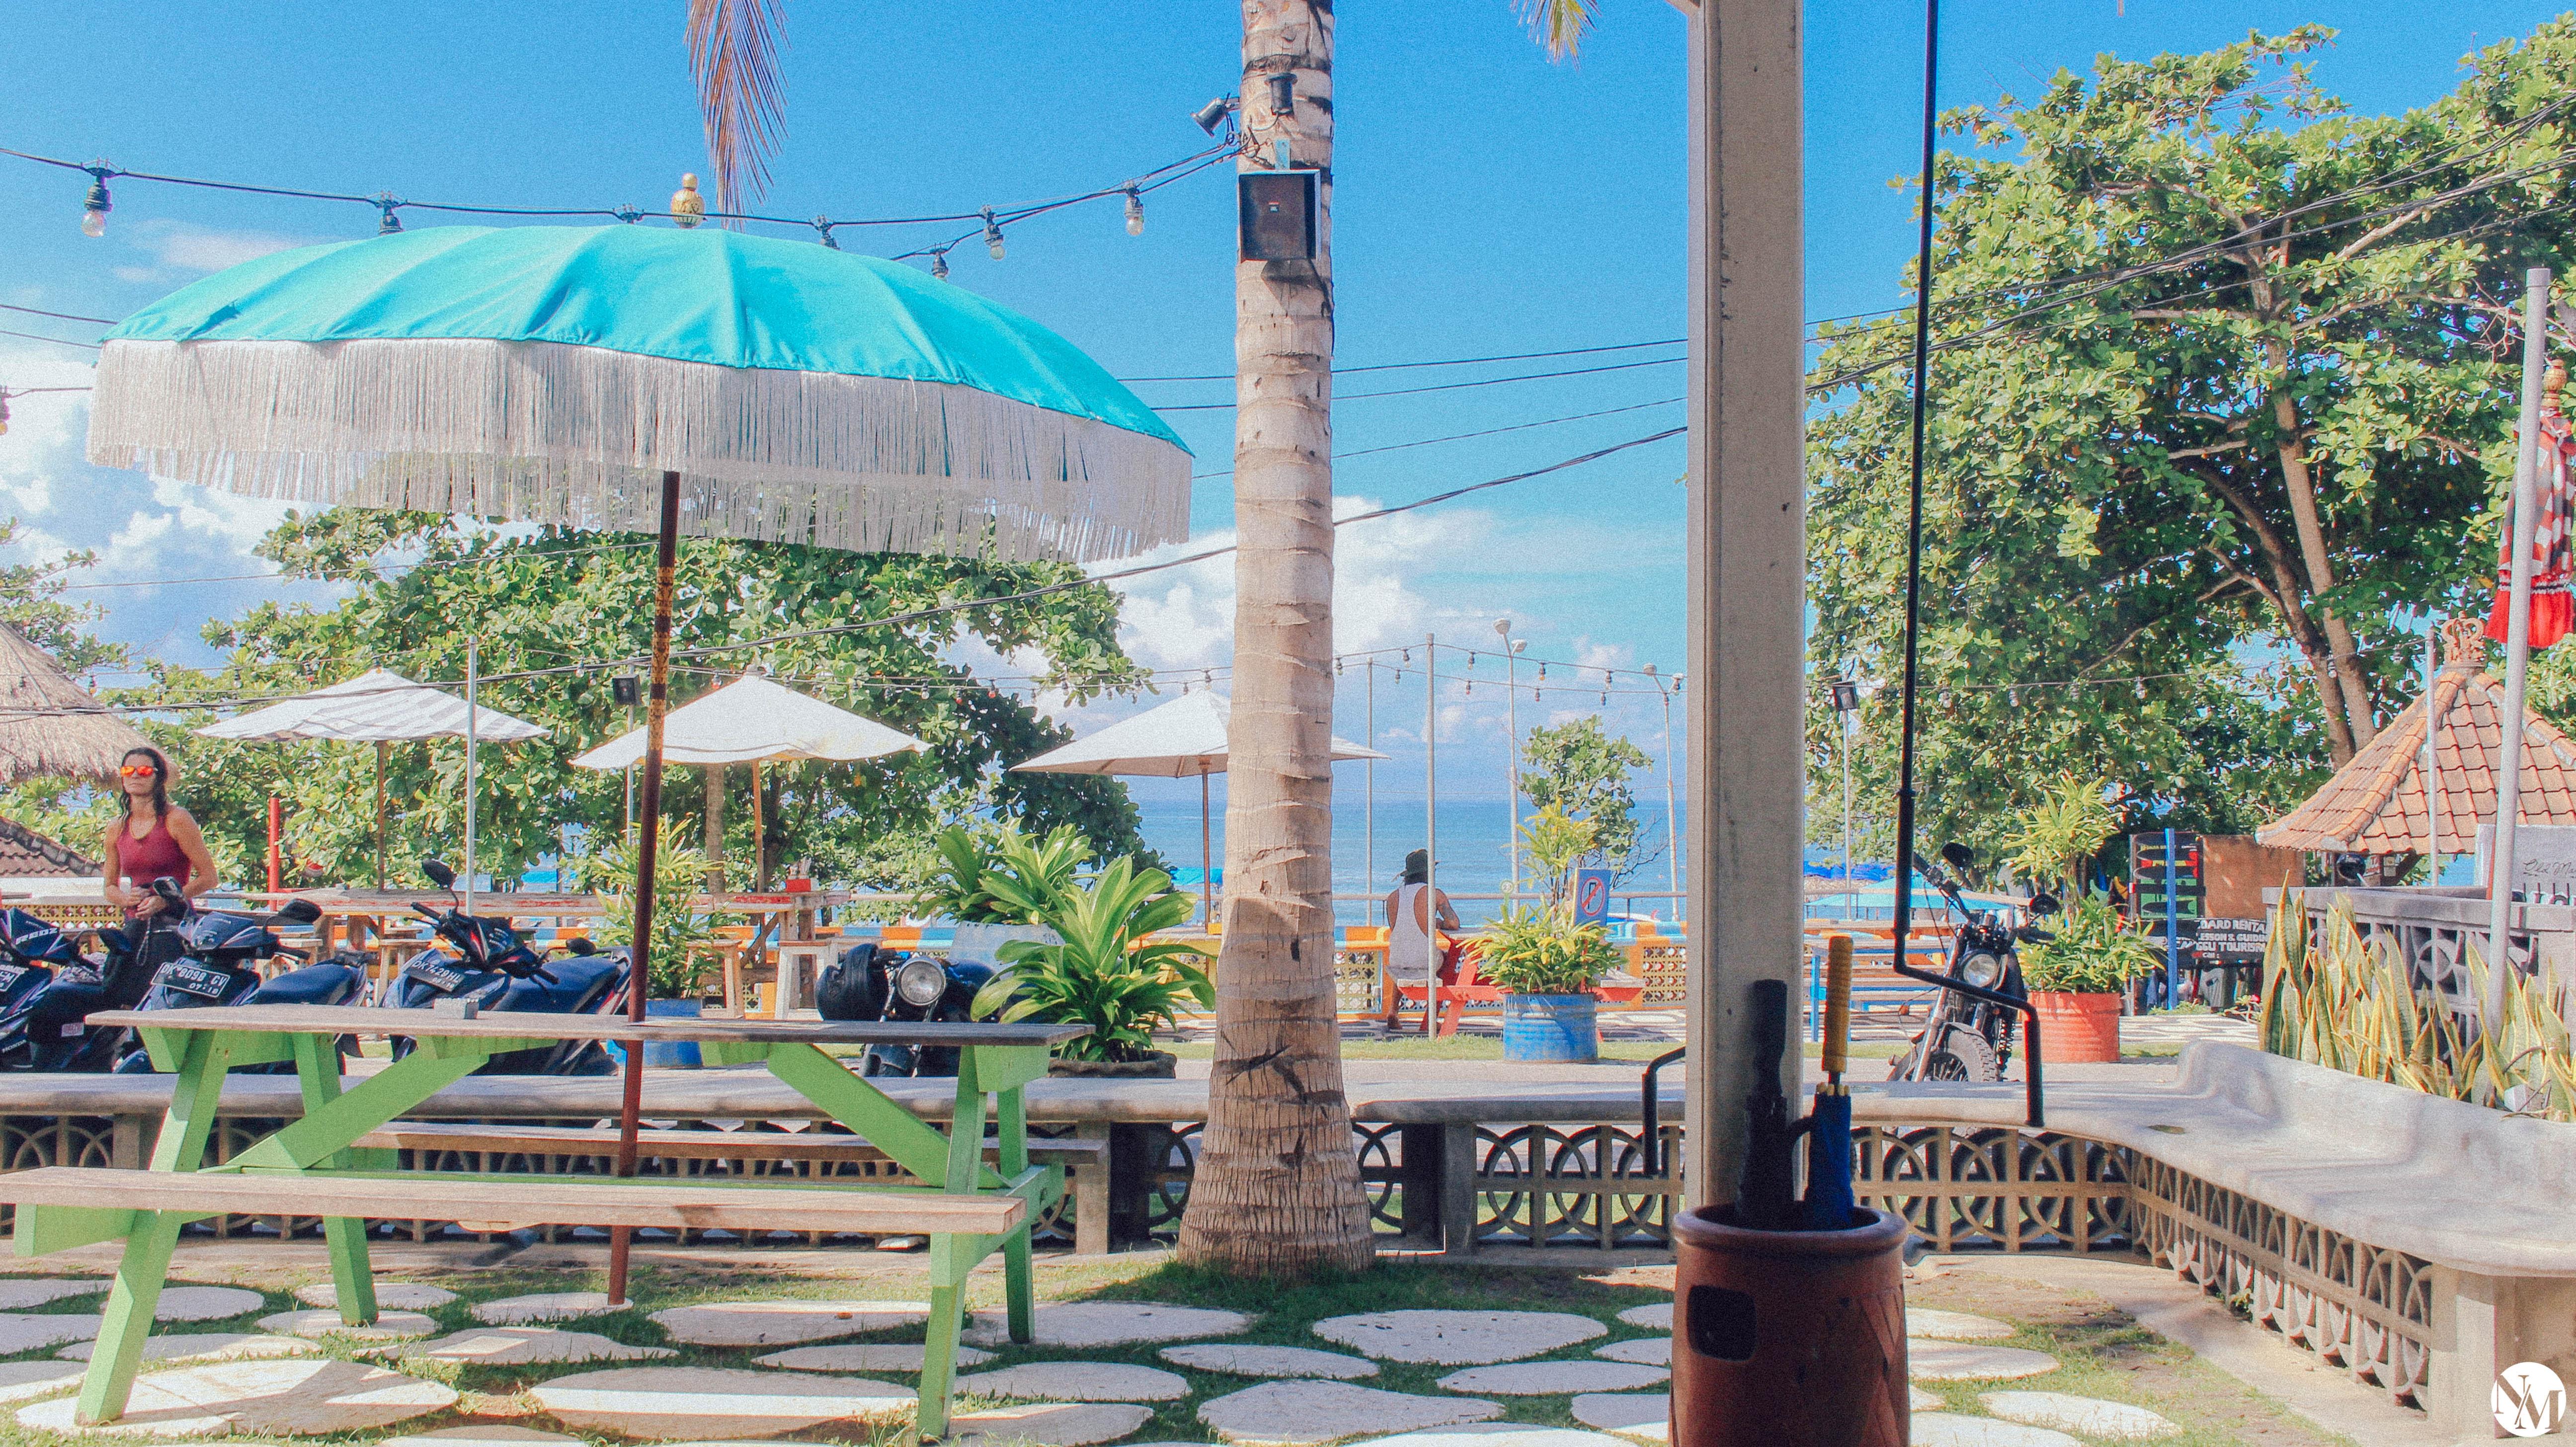 Canggu Bali Travel Guide by Noni May-12